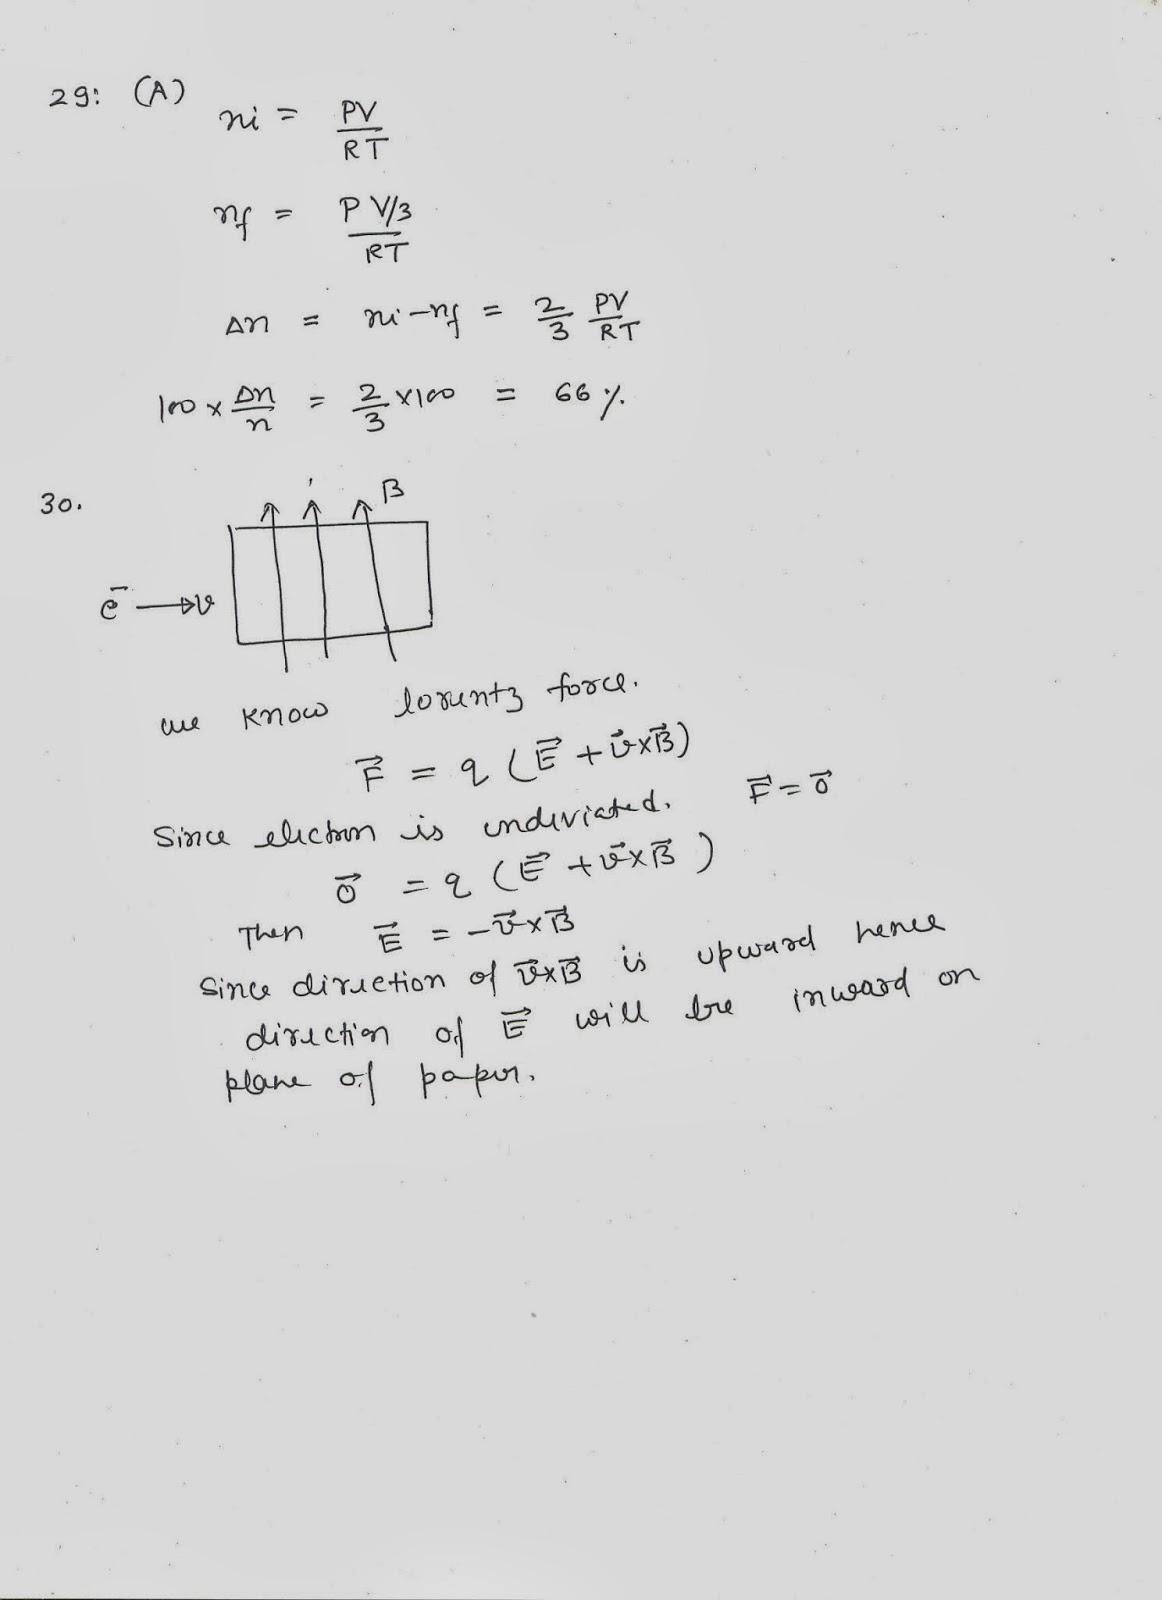 SOLUTIONS TO I E IRODOV BY RKH: KVPY 2013 PHYSICS PAPER SA